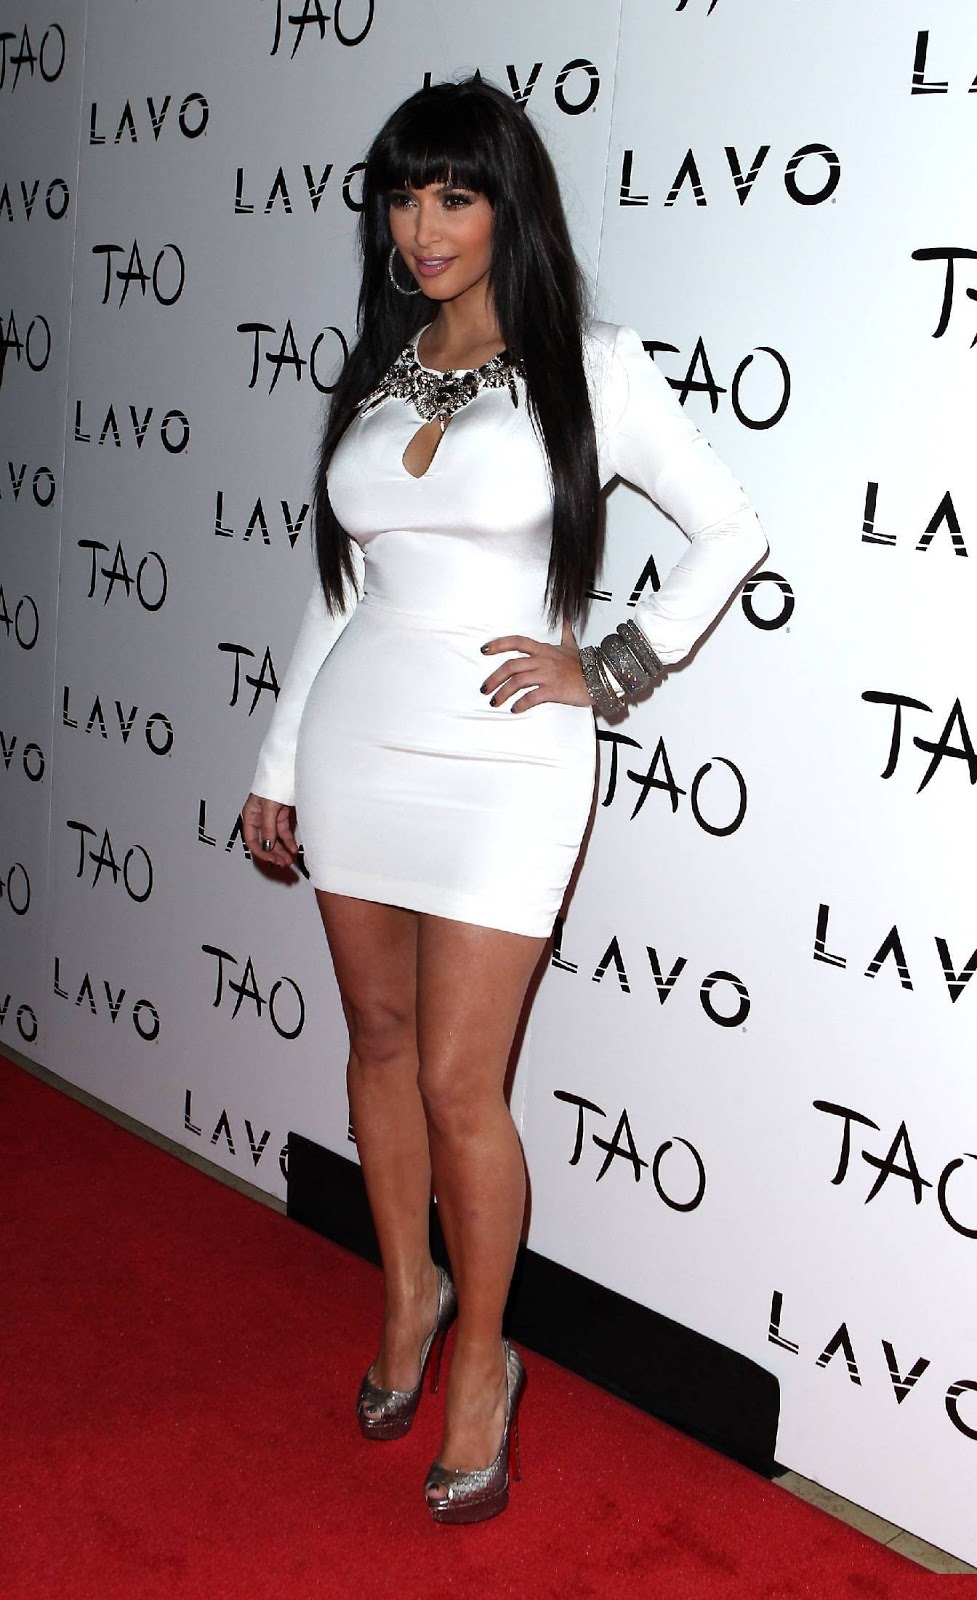 Kim Kardashian Parties in Las Vegas